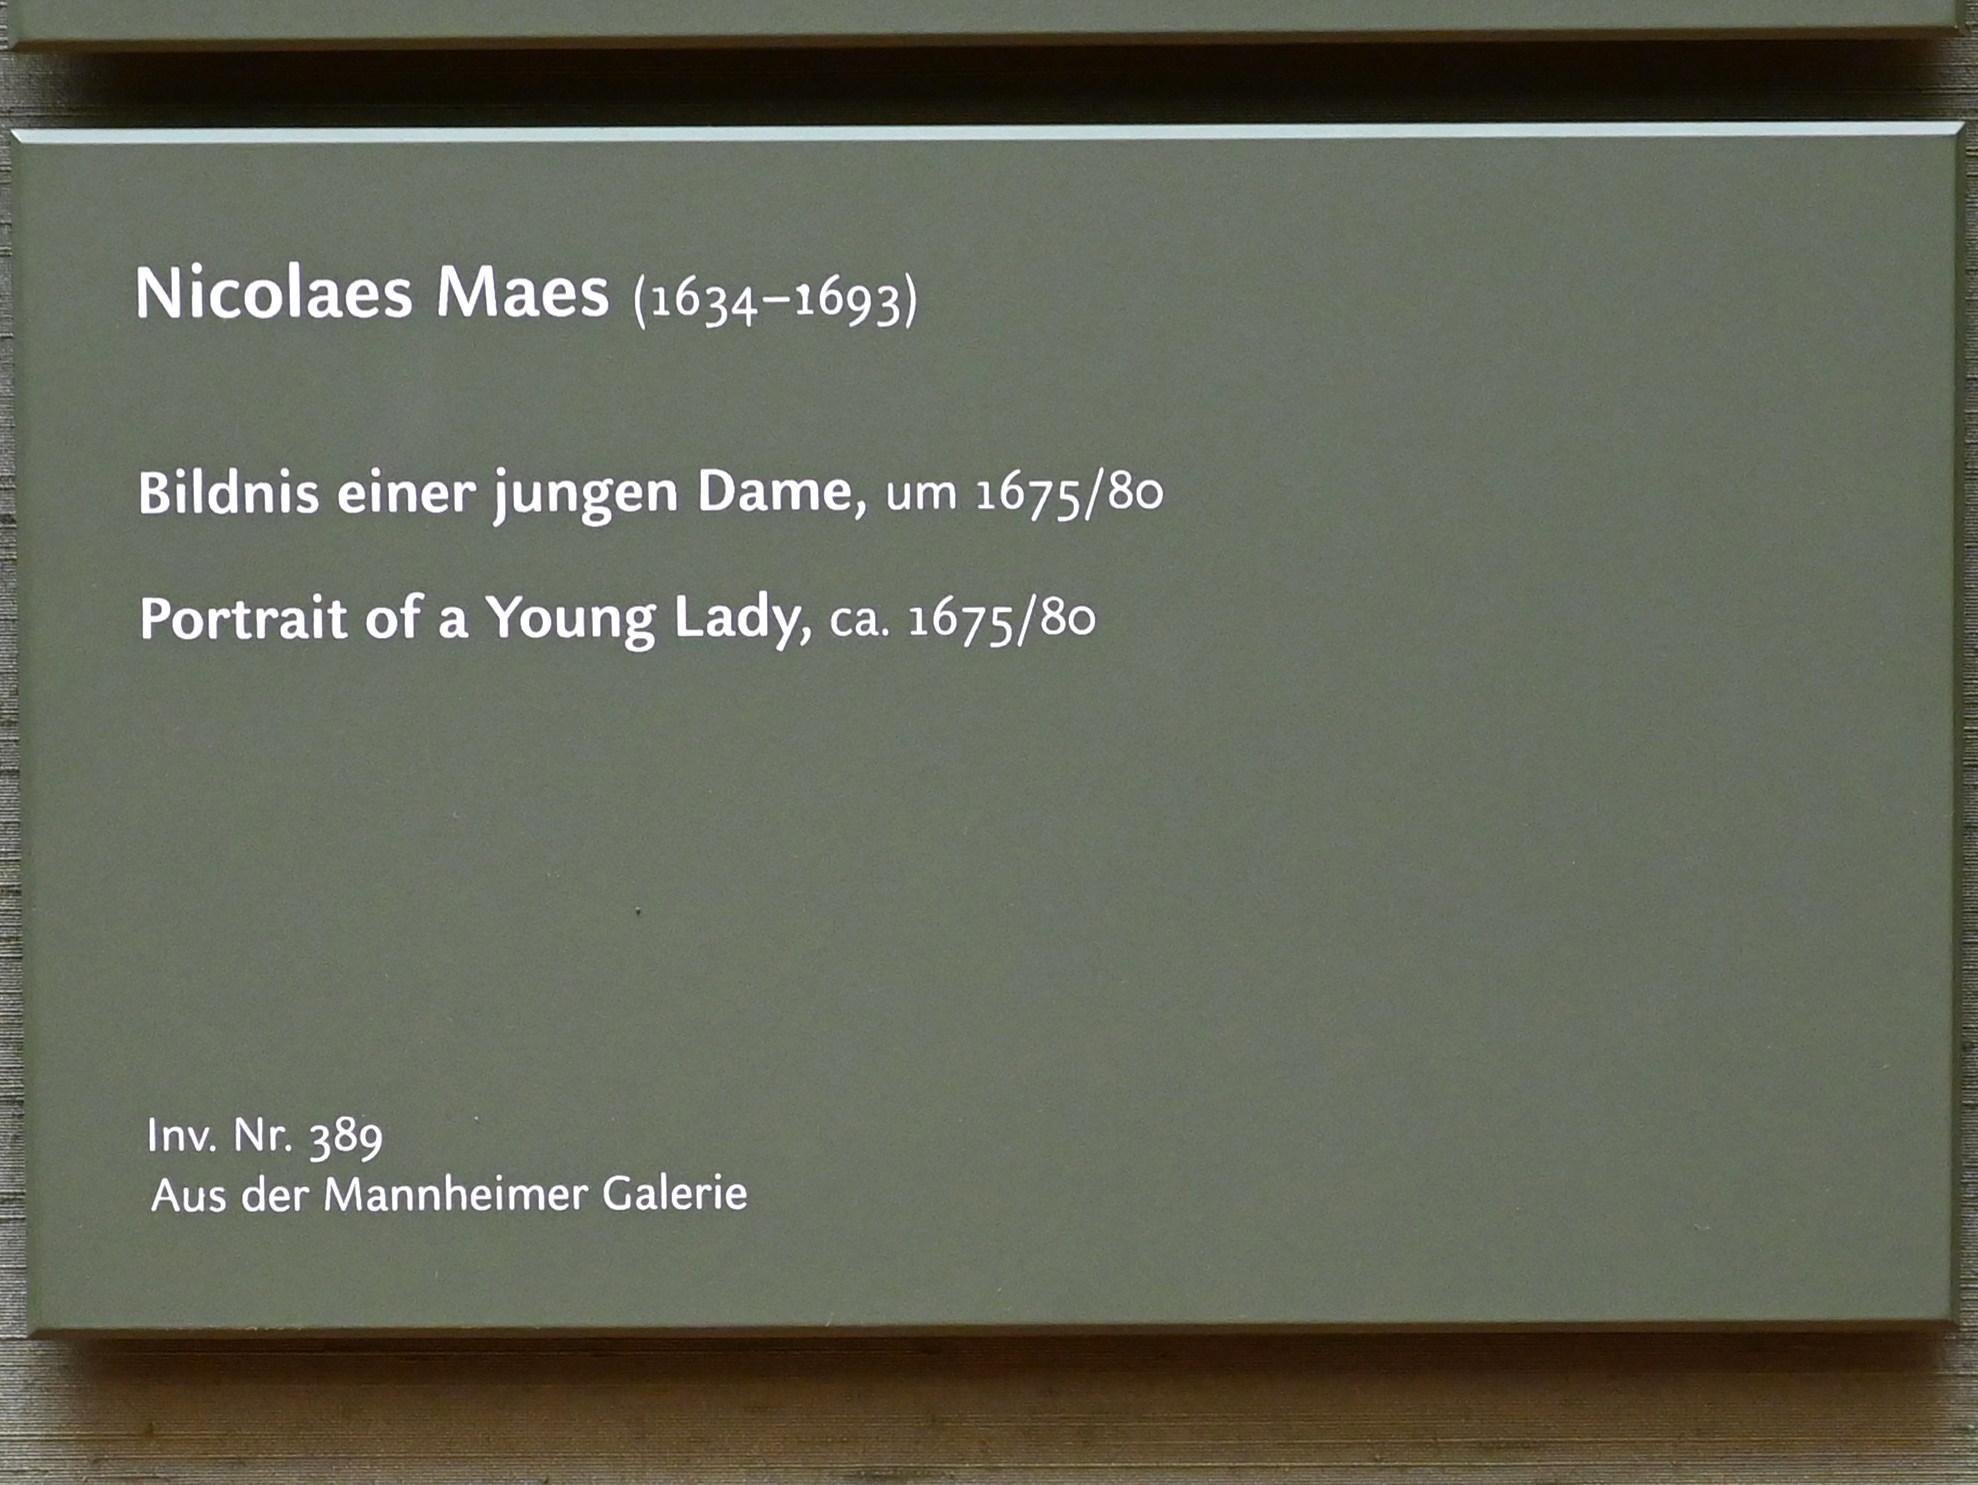 Nicolaes Maes: Bildnis einer jungen Dame, um 1675 - 1680, Bild 2/2